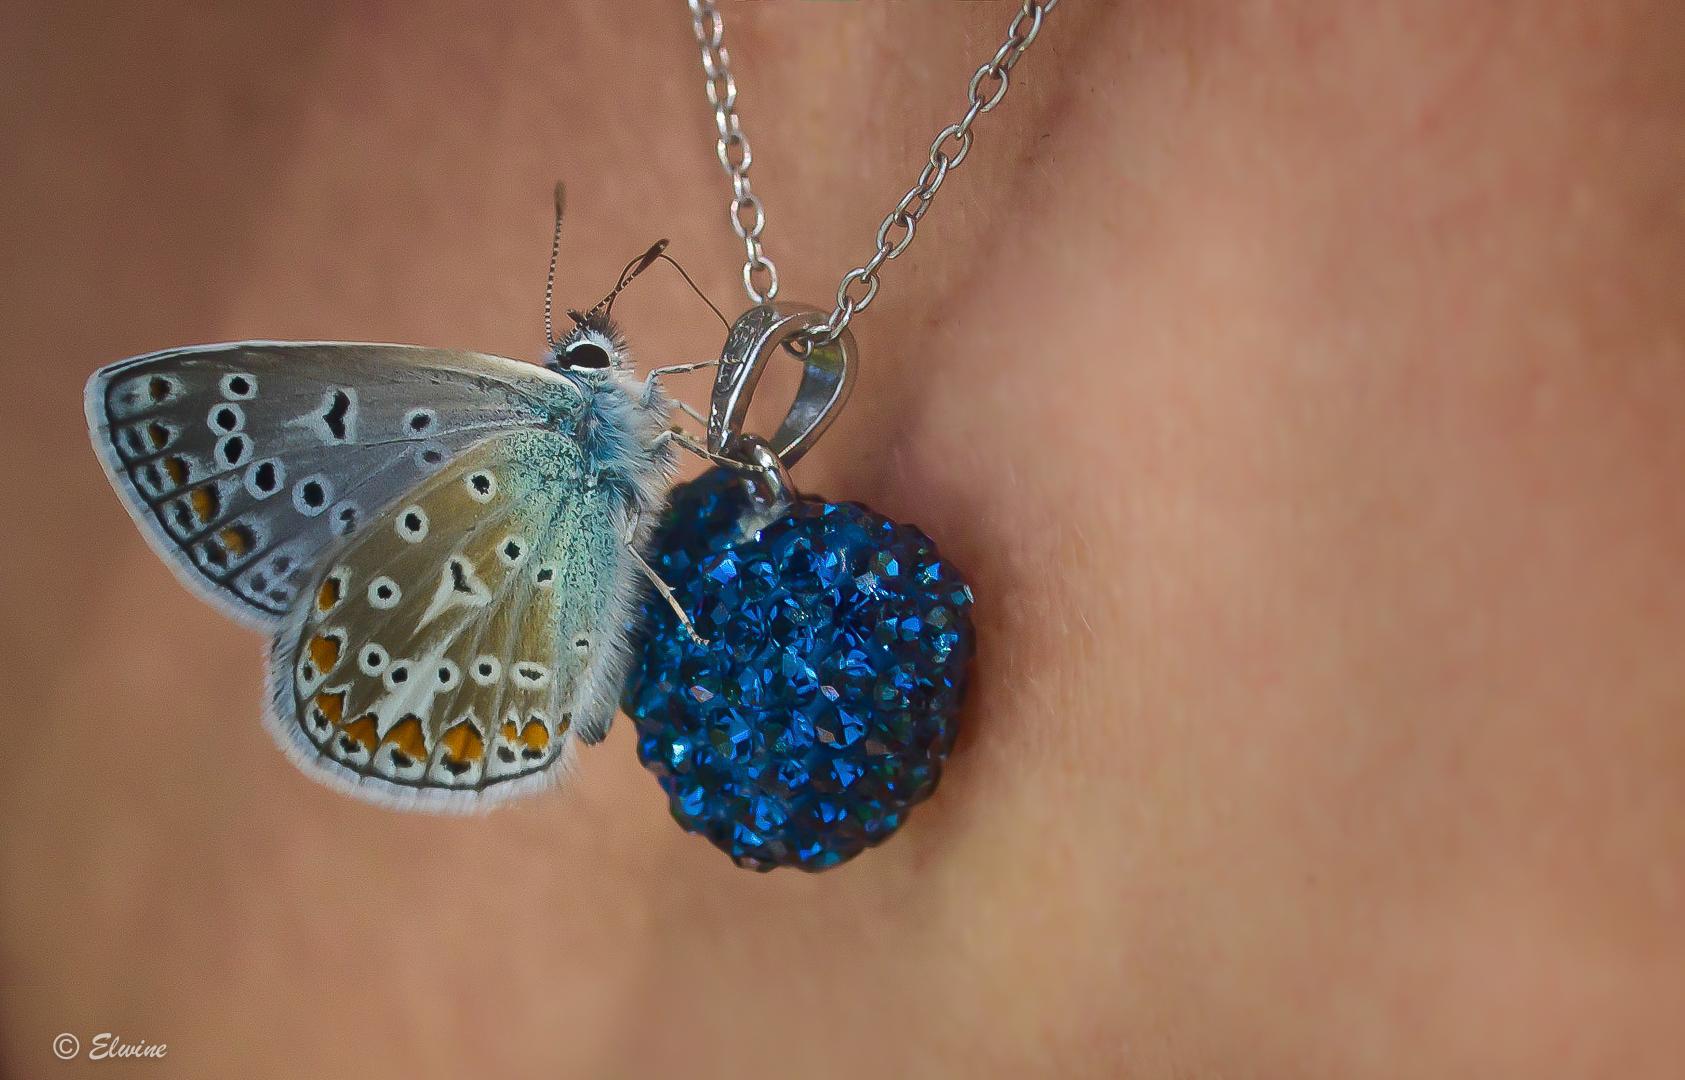 Der Anhänger und der Schmetterling